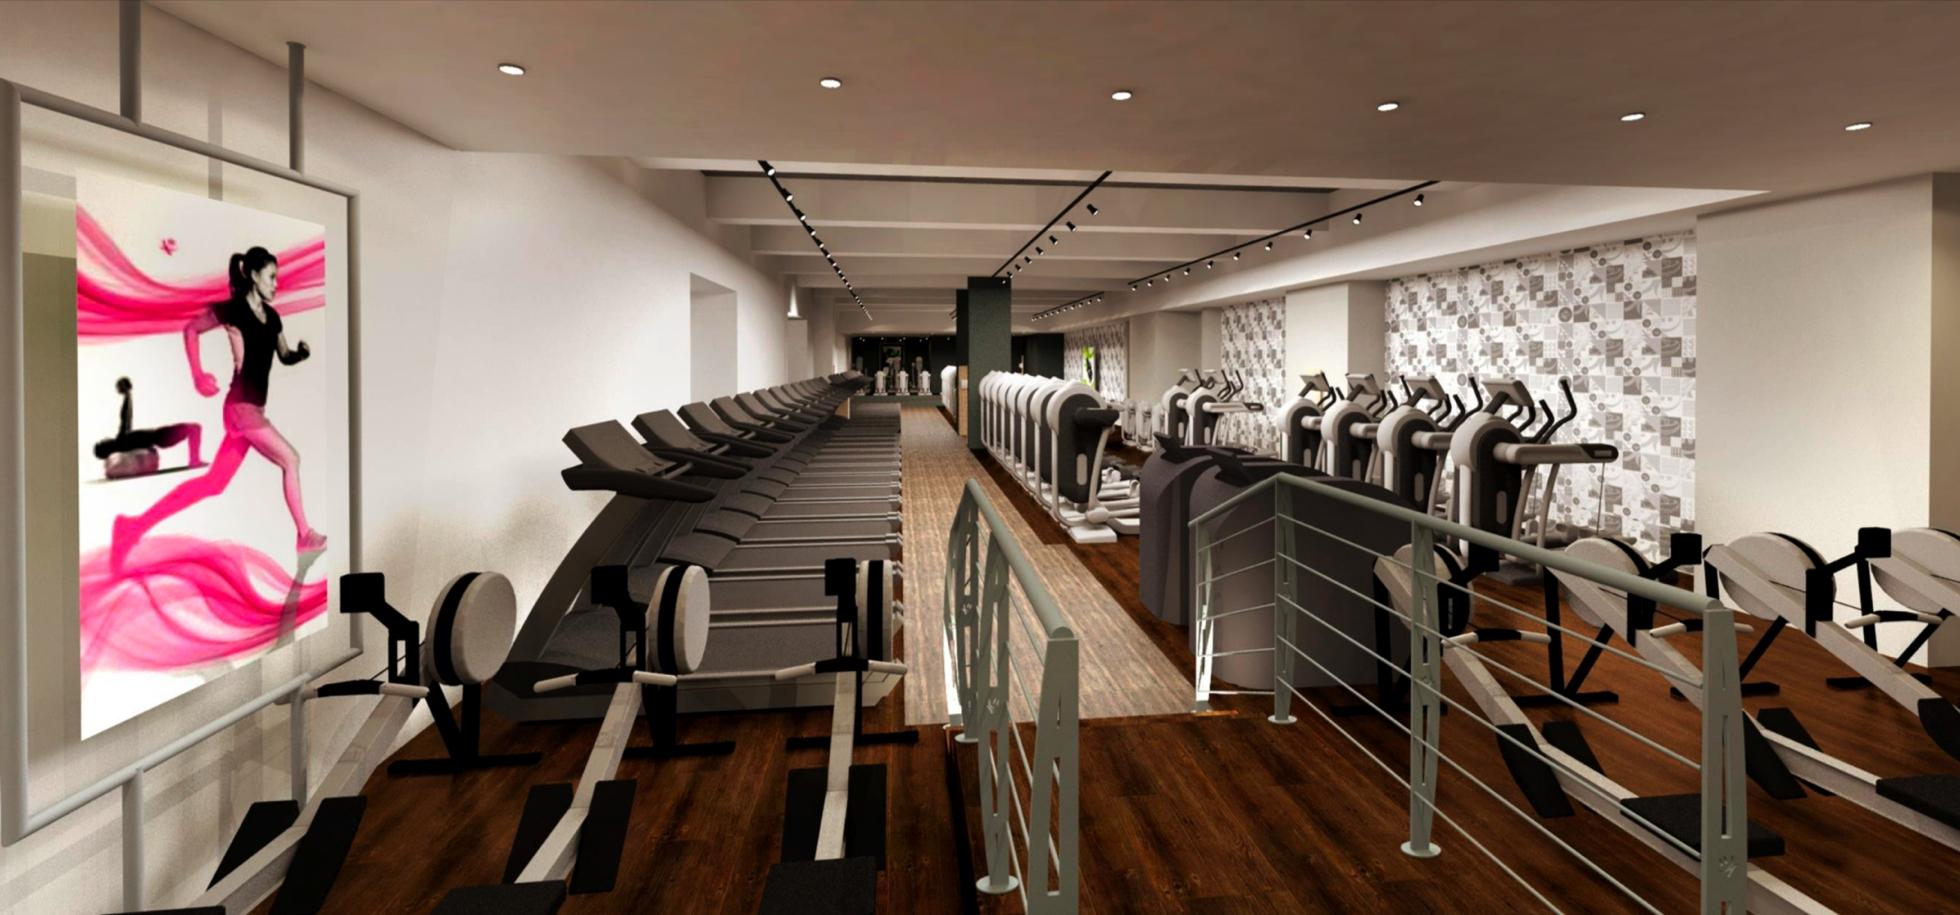 le sp cialiste du sport en salle keep cool d barque en mars prochain la d fense defense. Black Bedroom Furniture Sets. Home Design Ideas